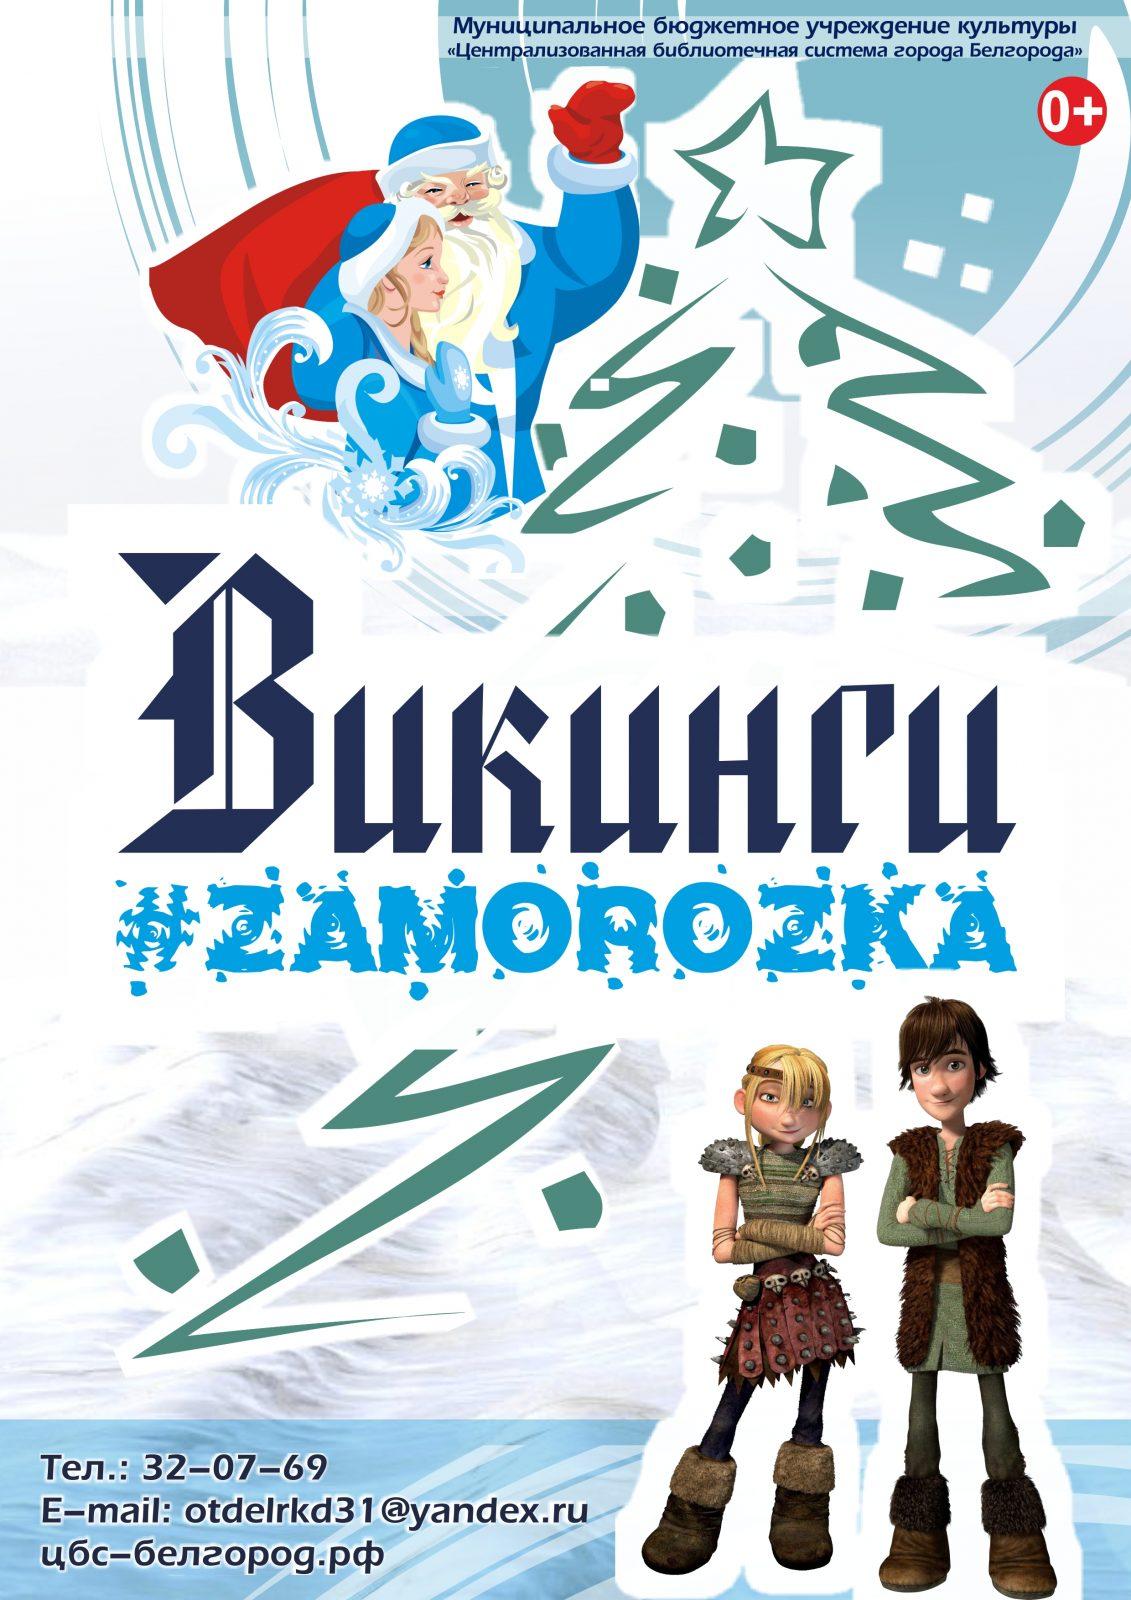 Новогодние утренники - ВИКИНГИ #ZAMOROZKA